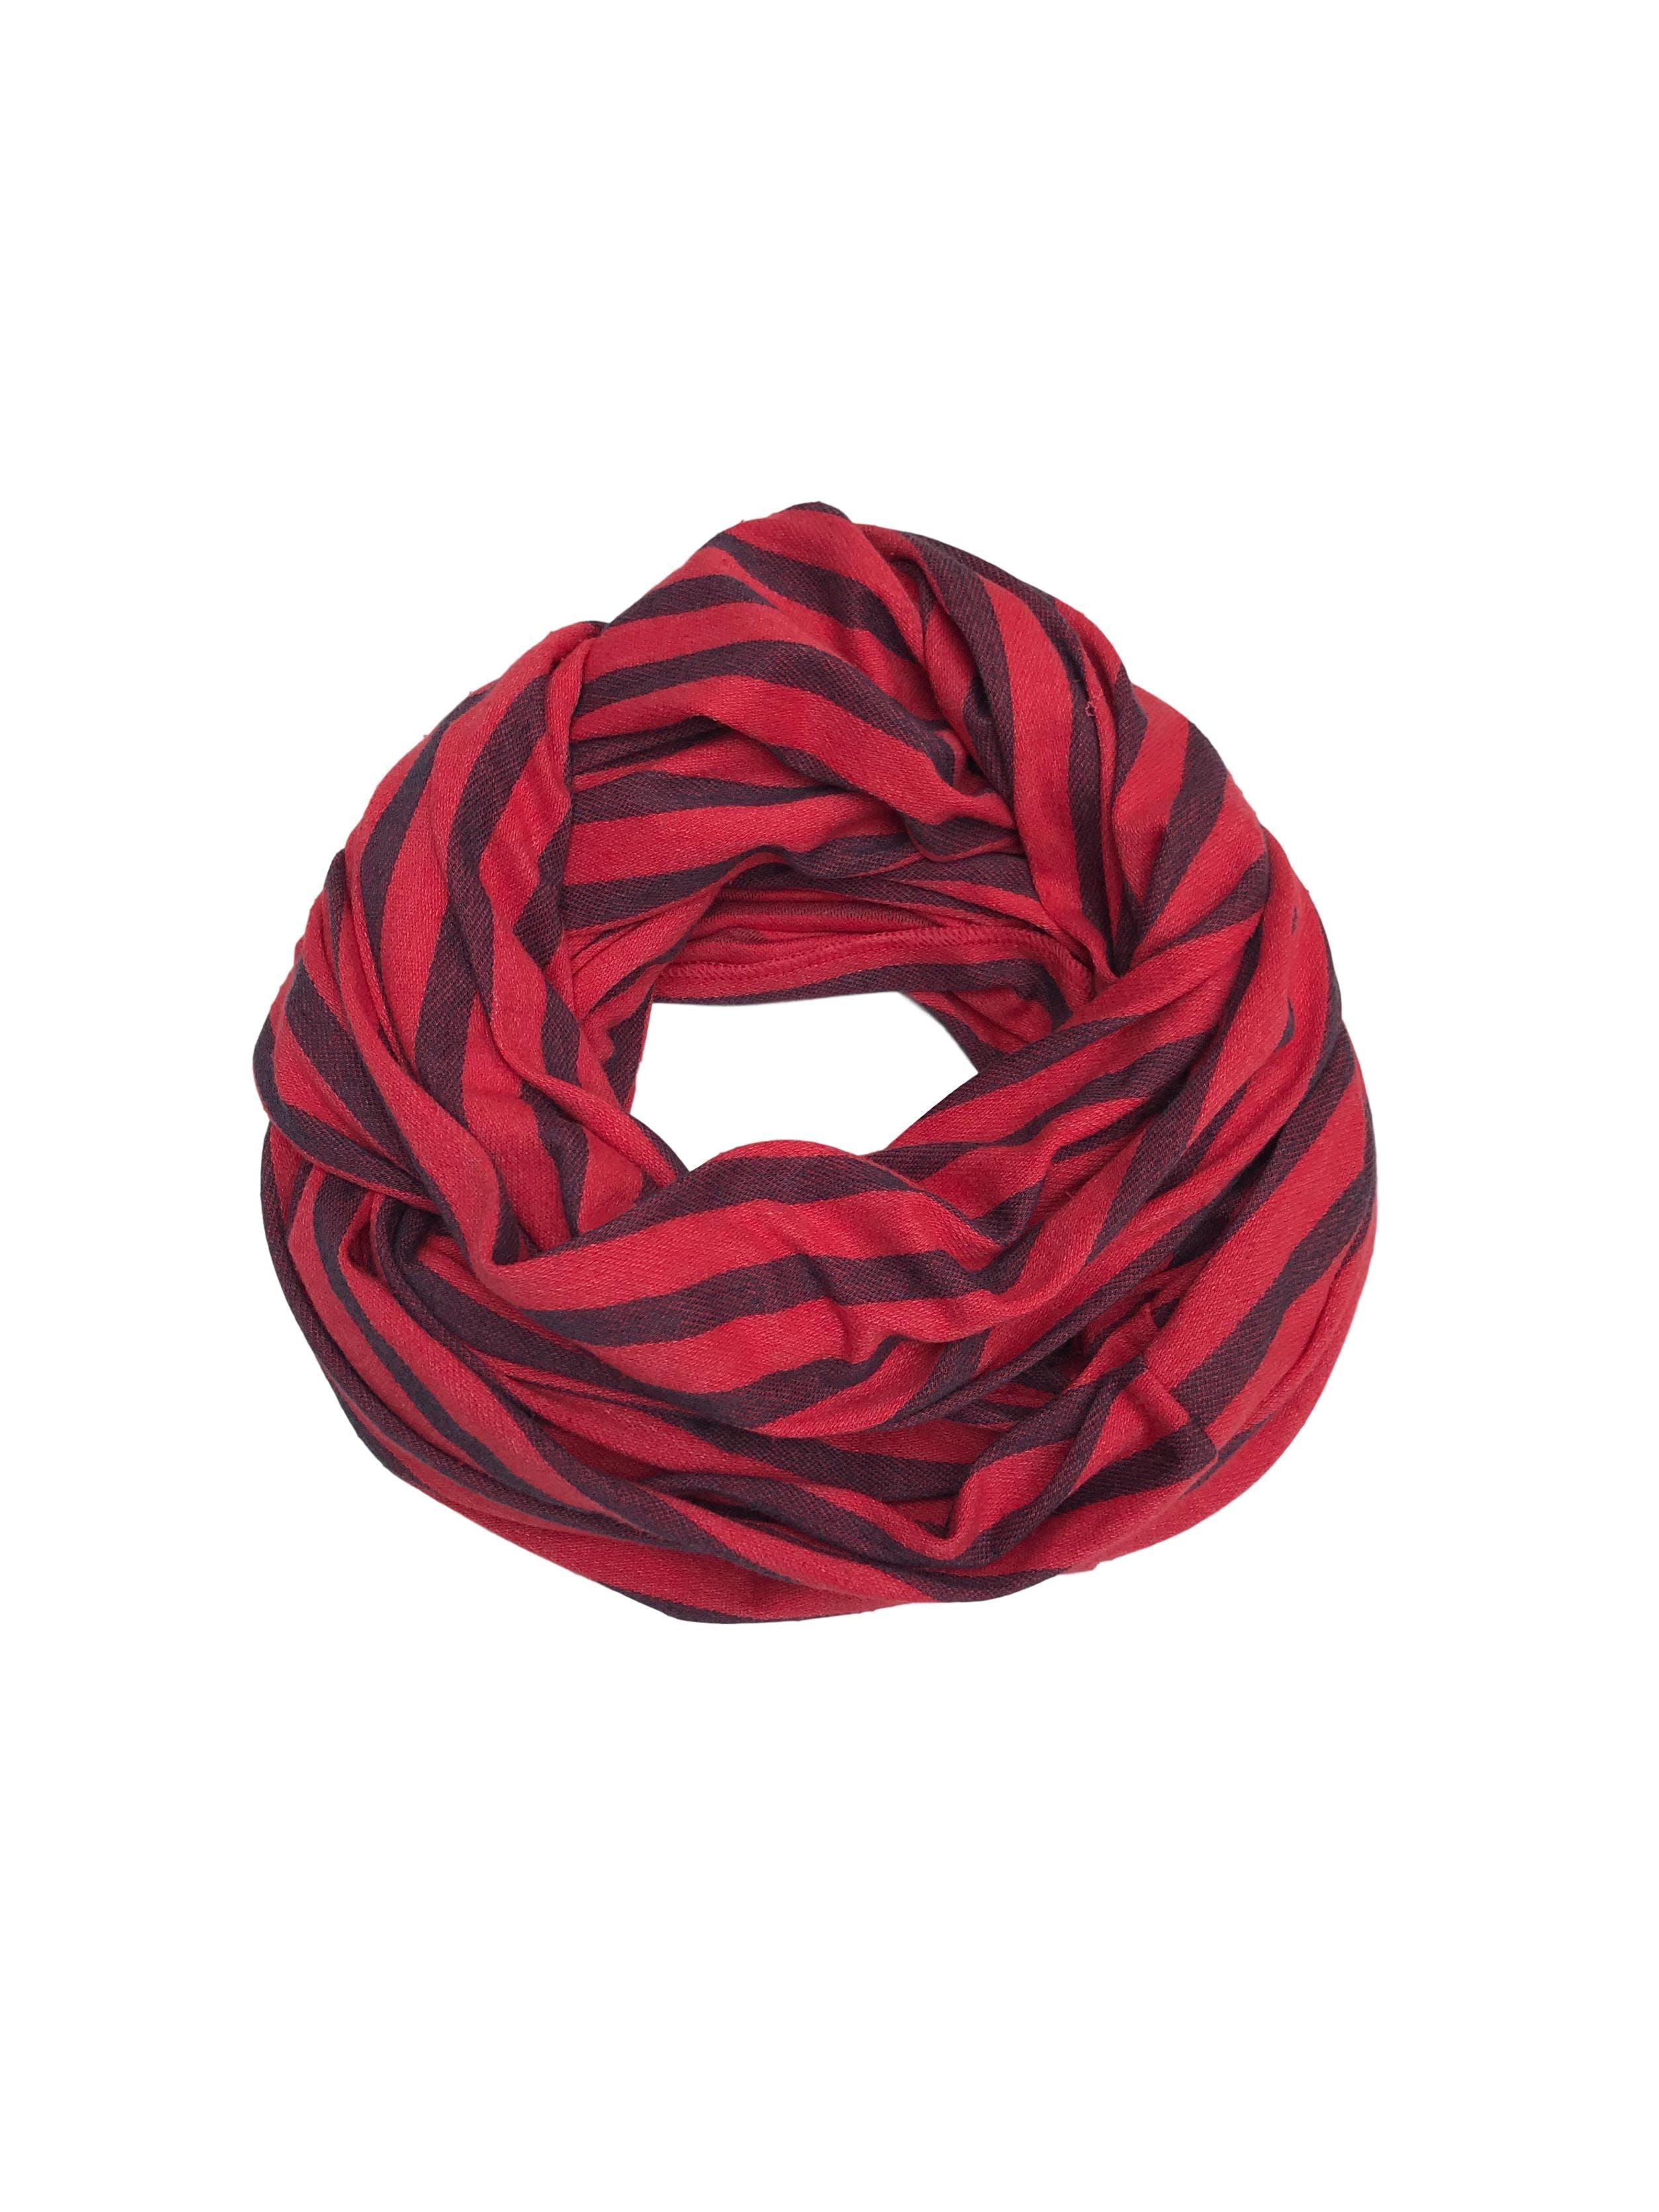 Bufanda cerrada roja con franjas azules